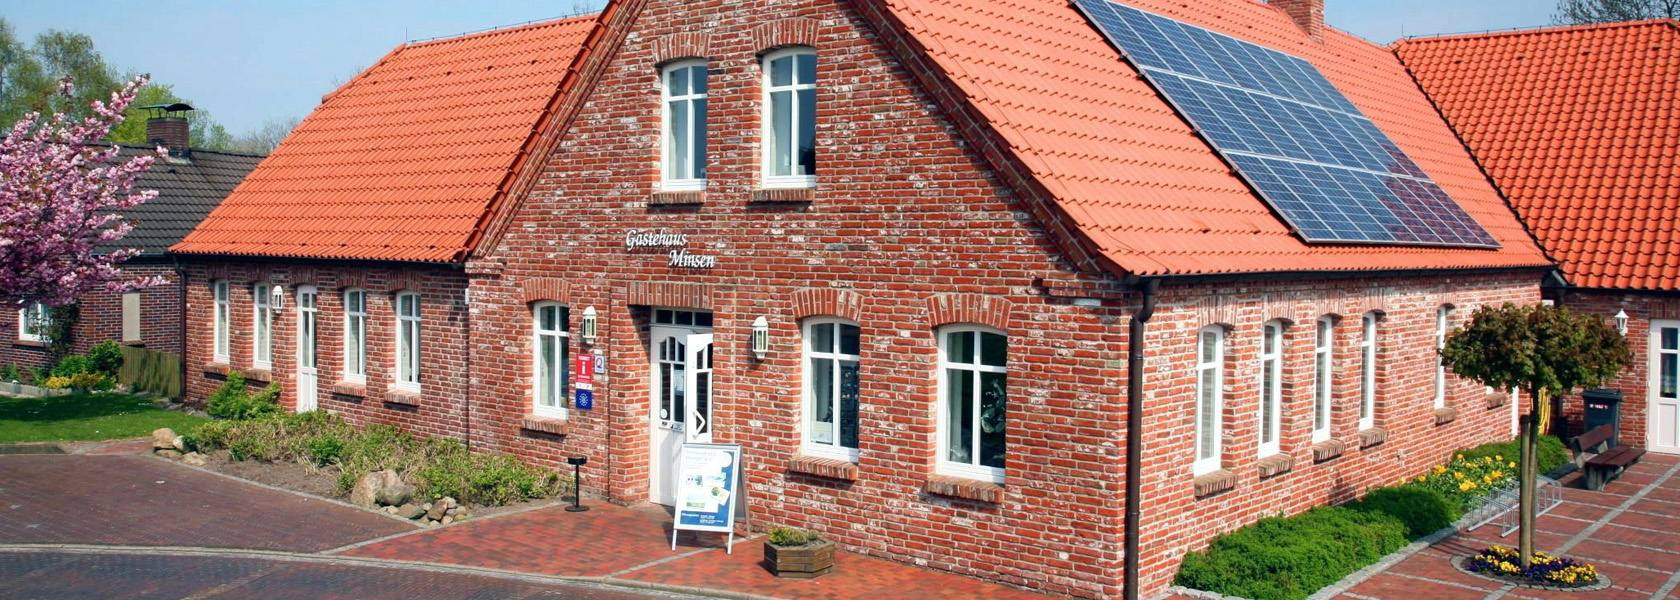 Nationalpark-Haus in Minsen, © Nationalpark-Verwaltung Niedersächsisches Wattenmeer, Ralf Sinning